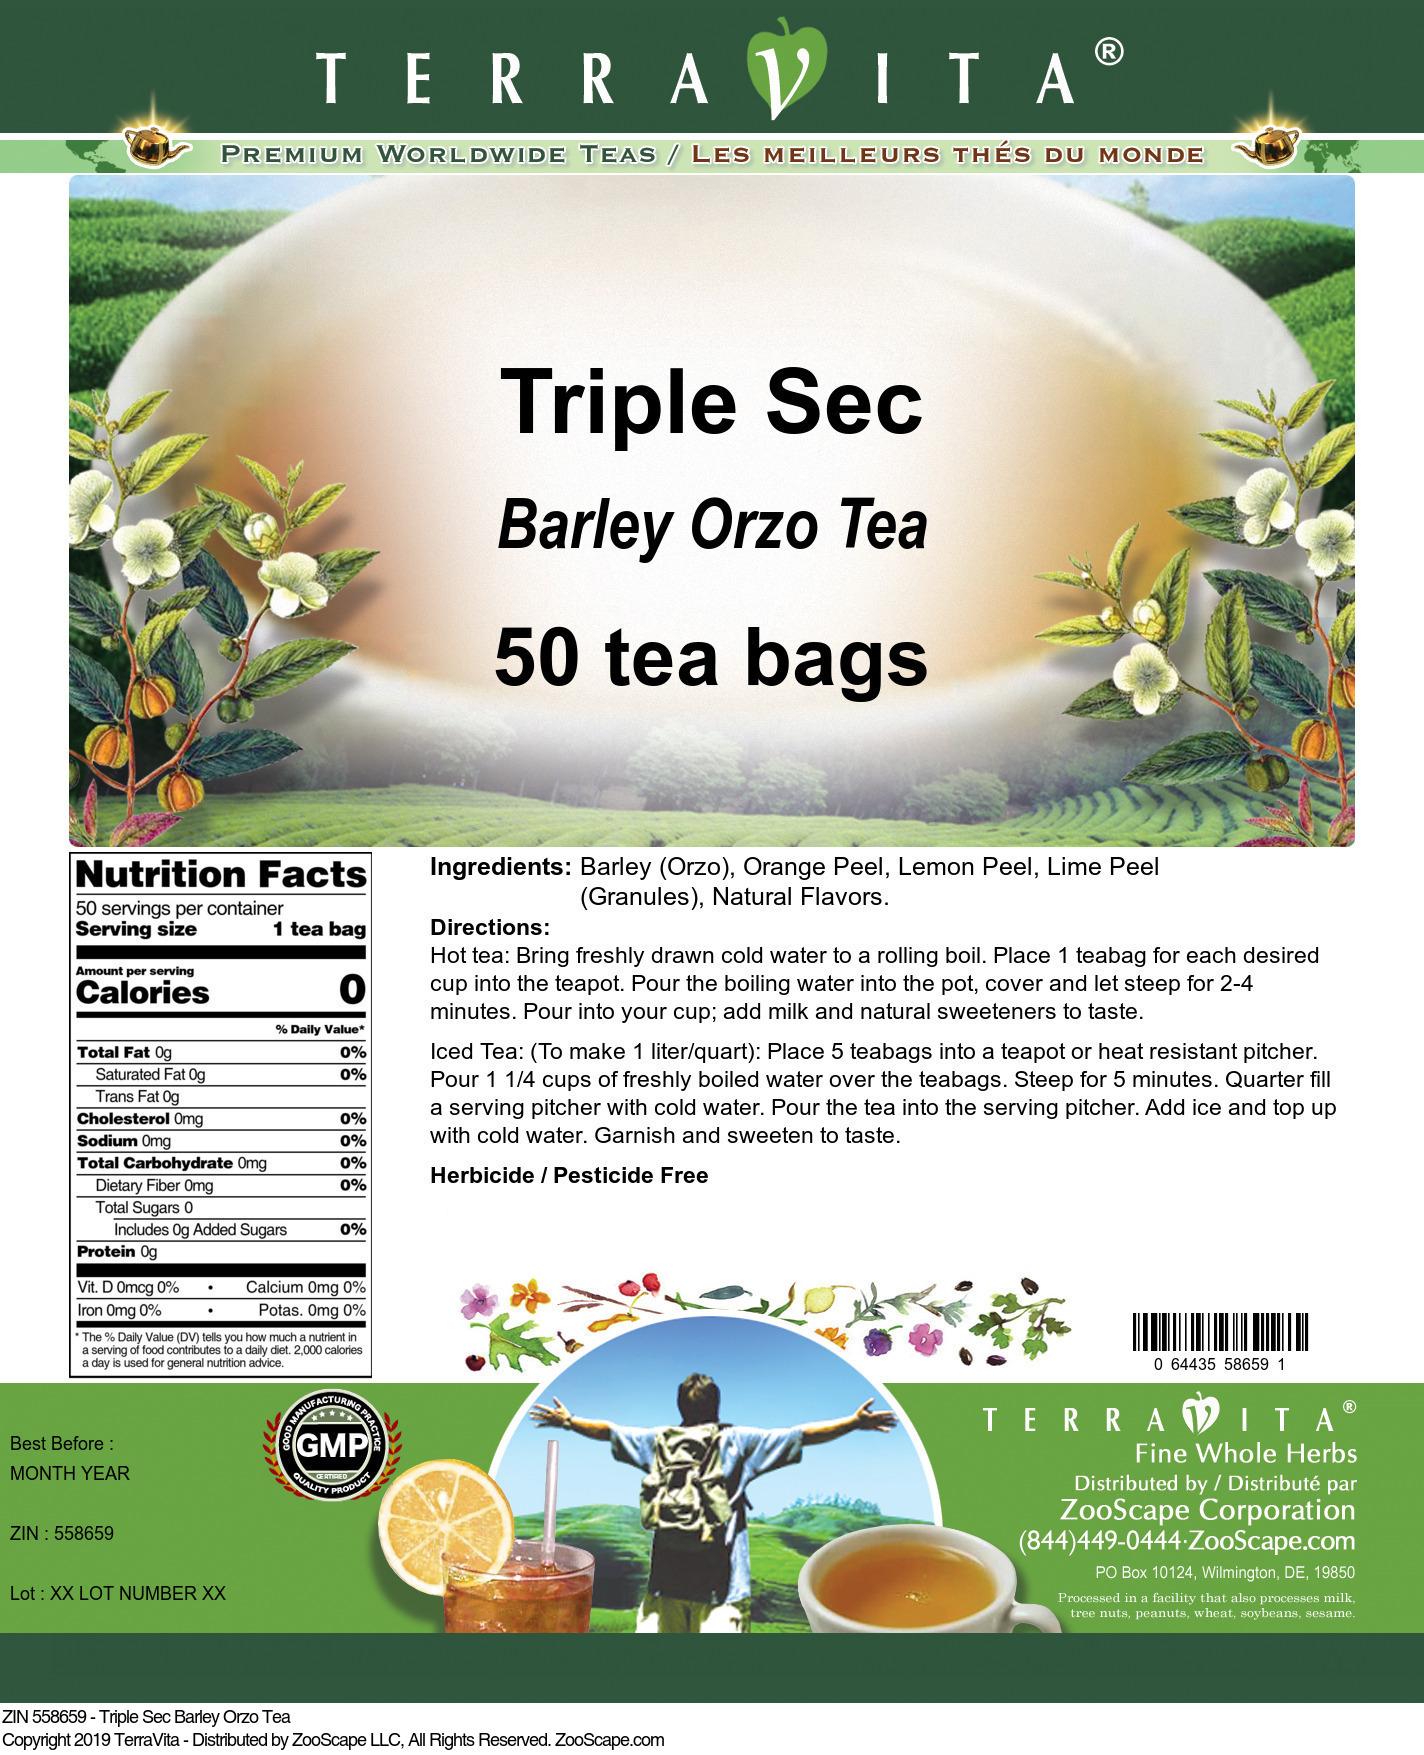 Triple Sec Barley Orzo Tea